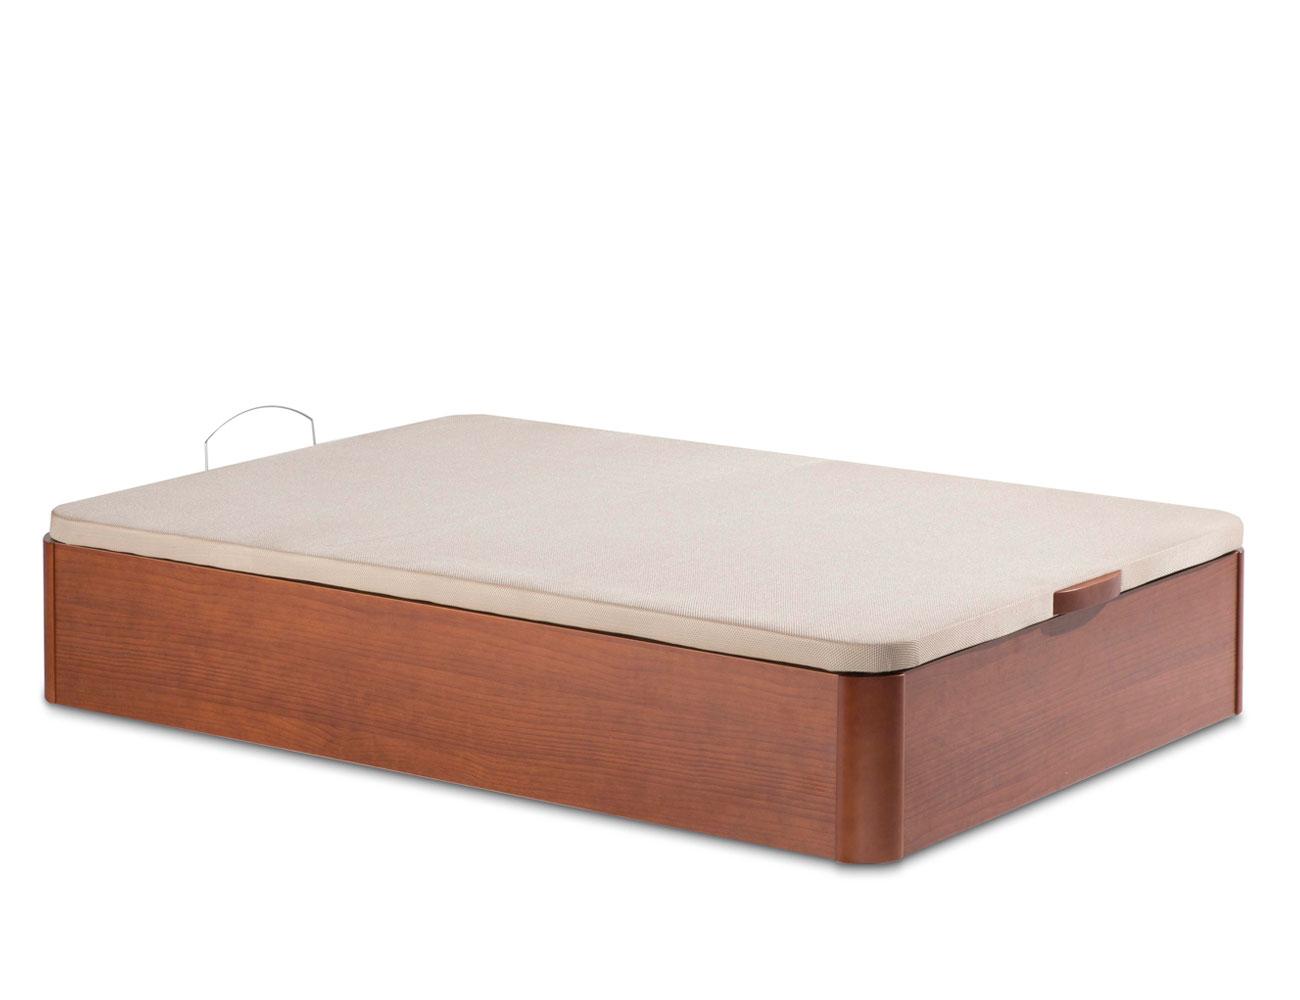 Canape madera base 3d 735